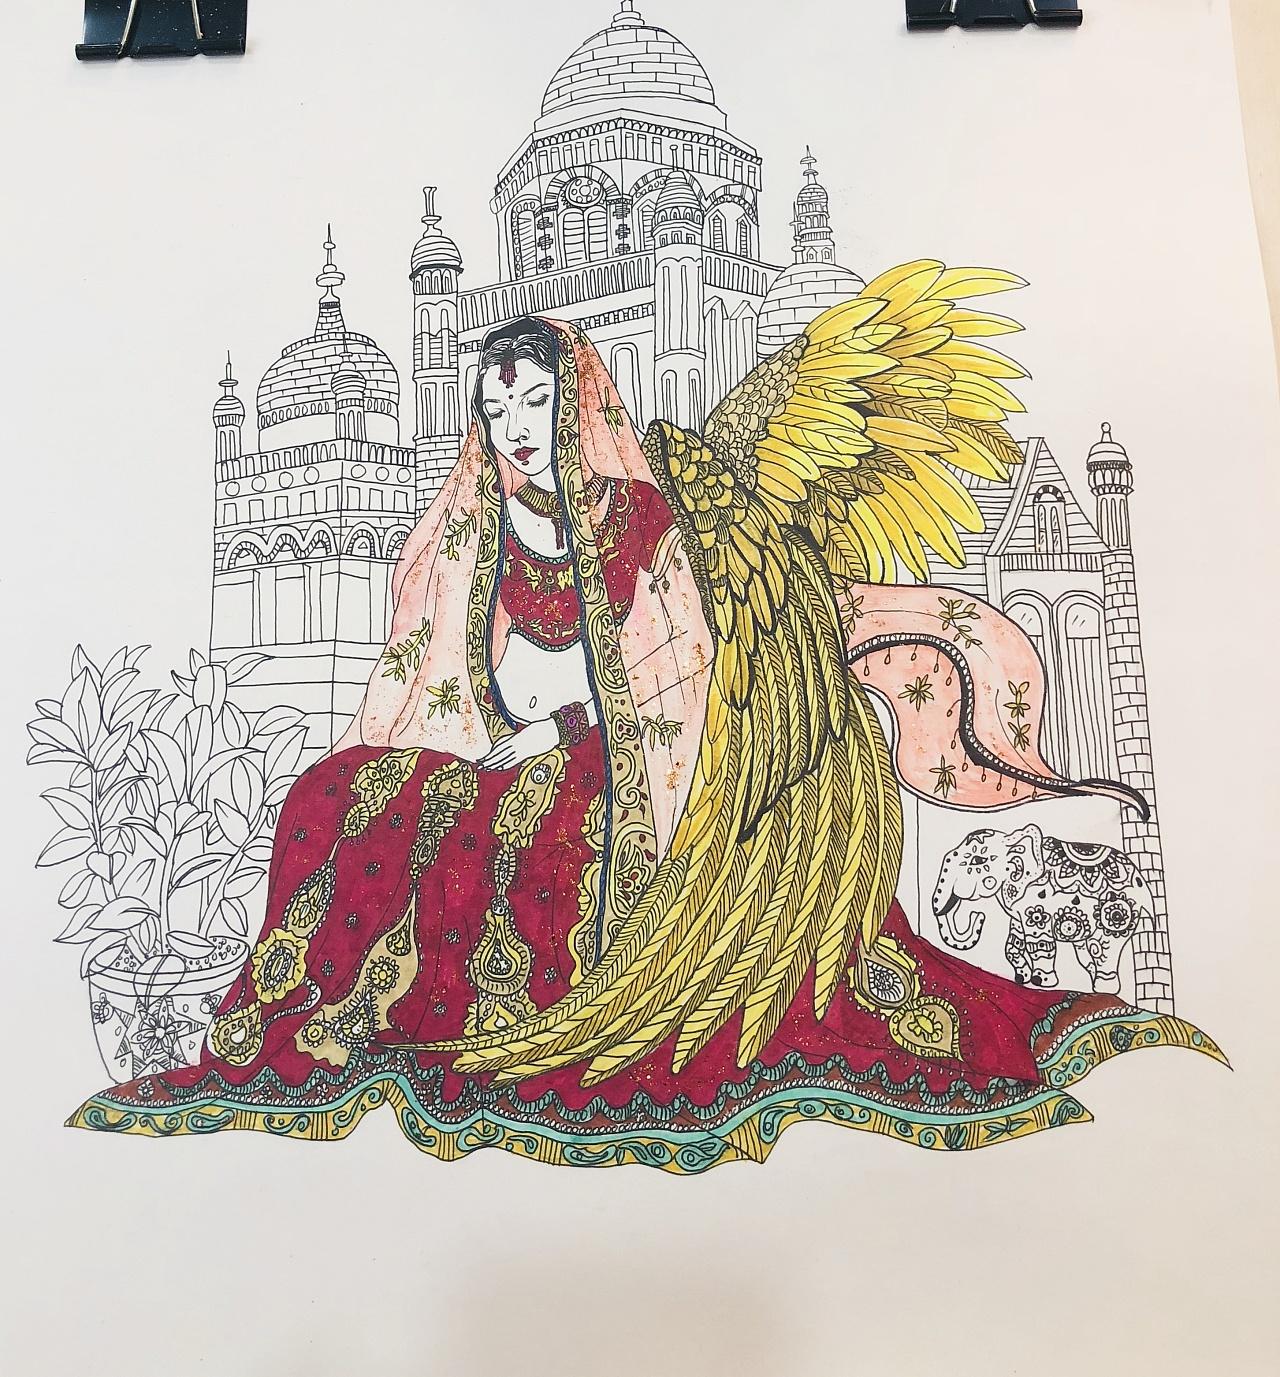 手绘印度少女插画 黑白插画 彩色插画